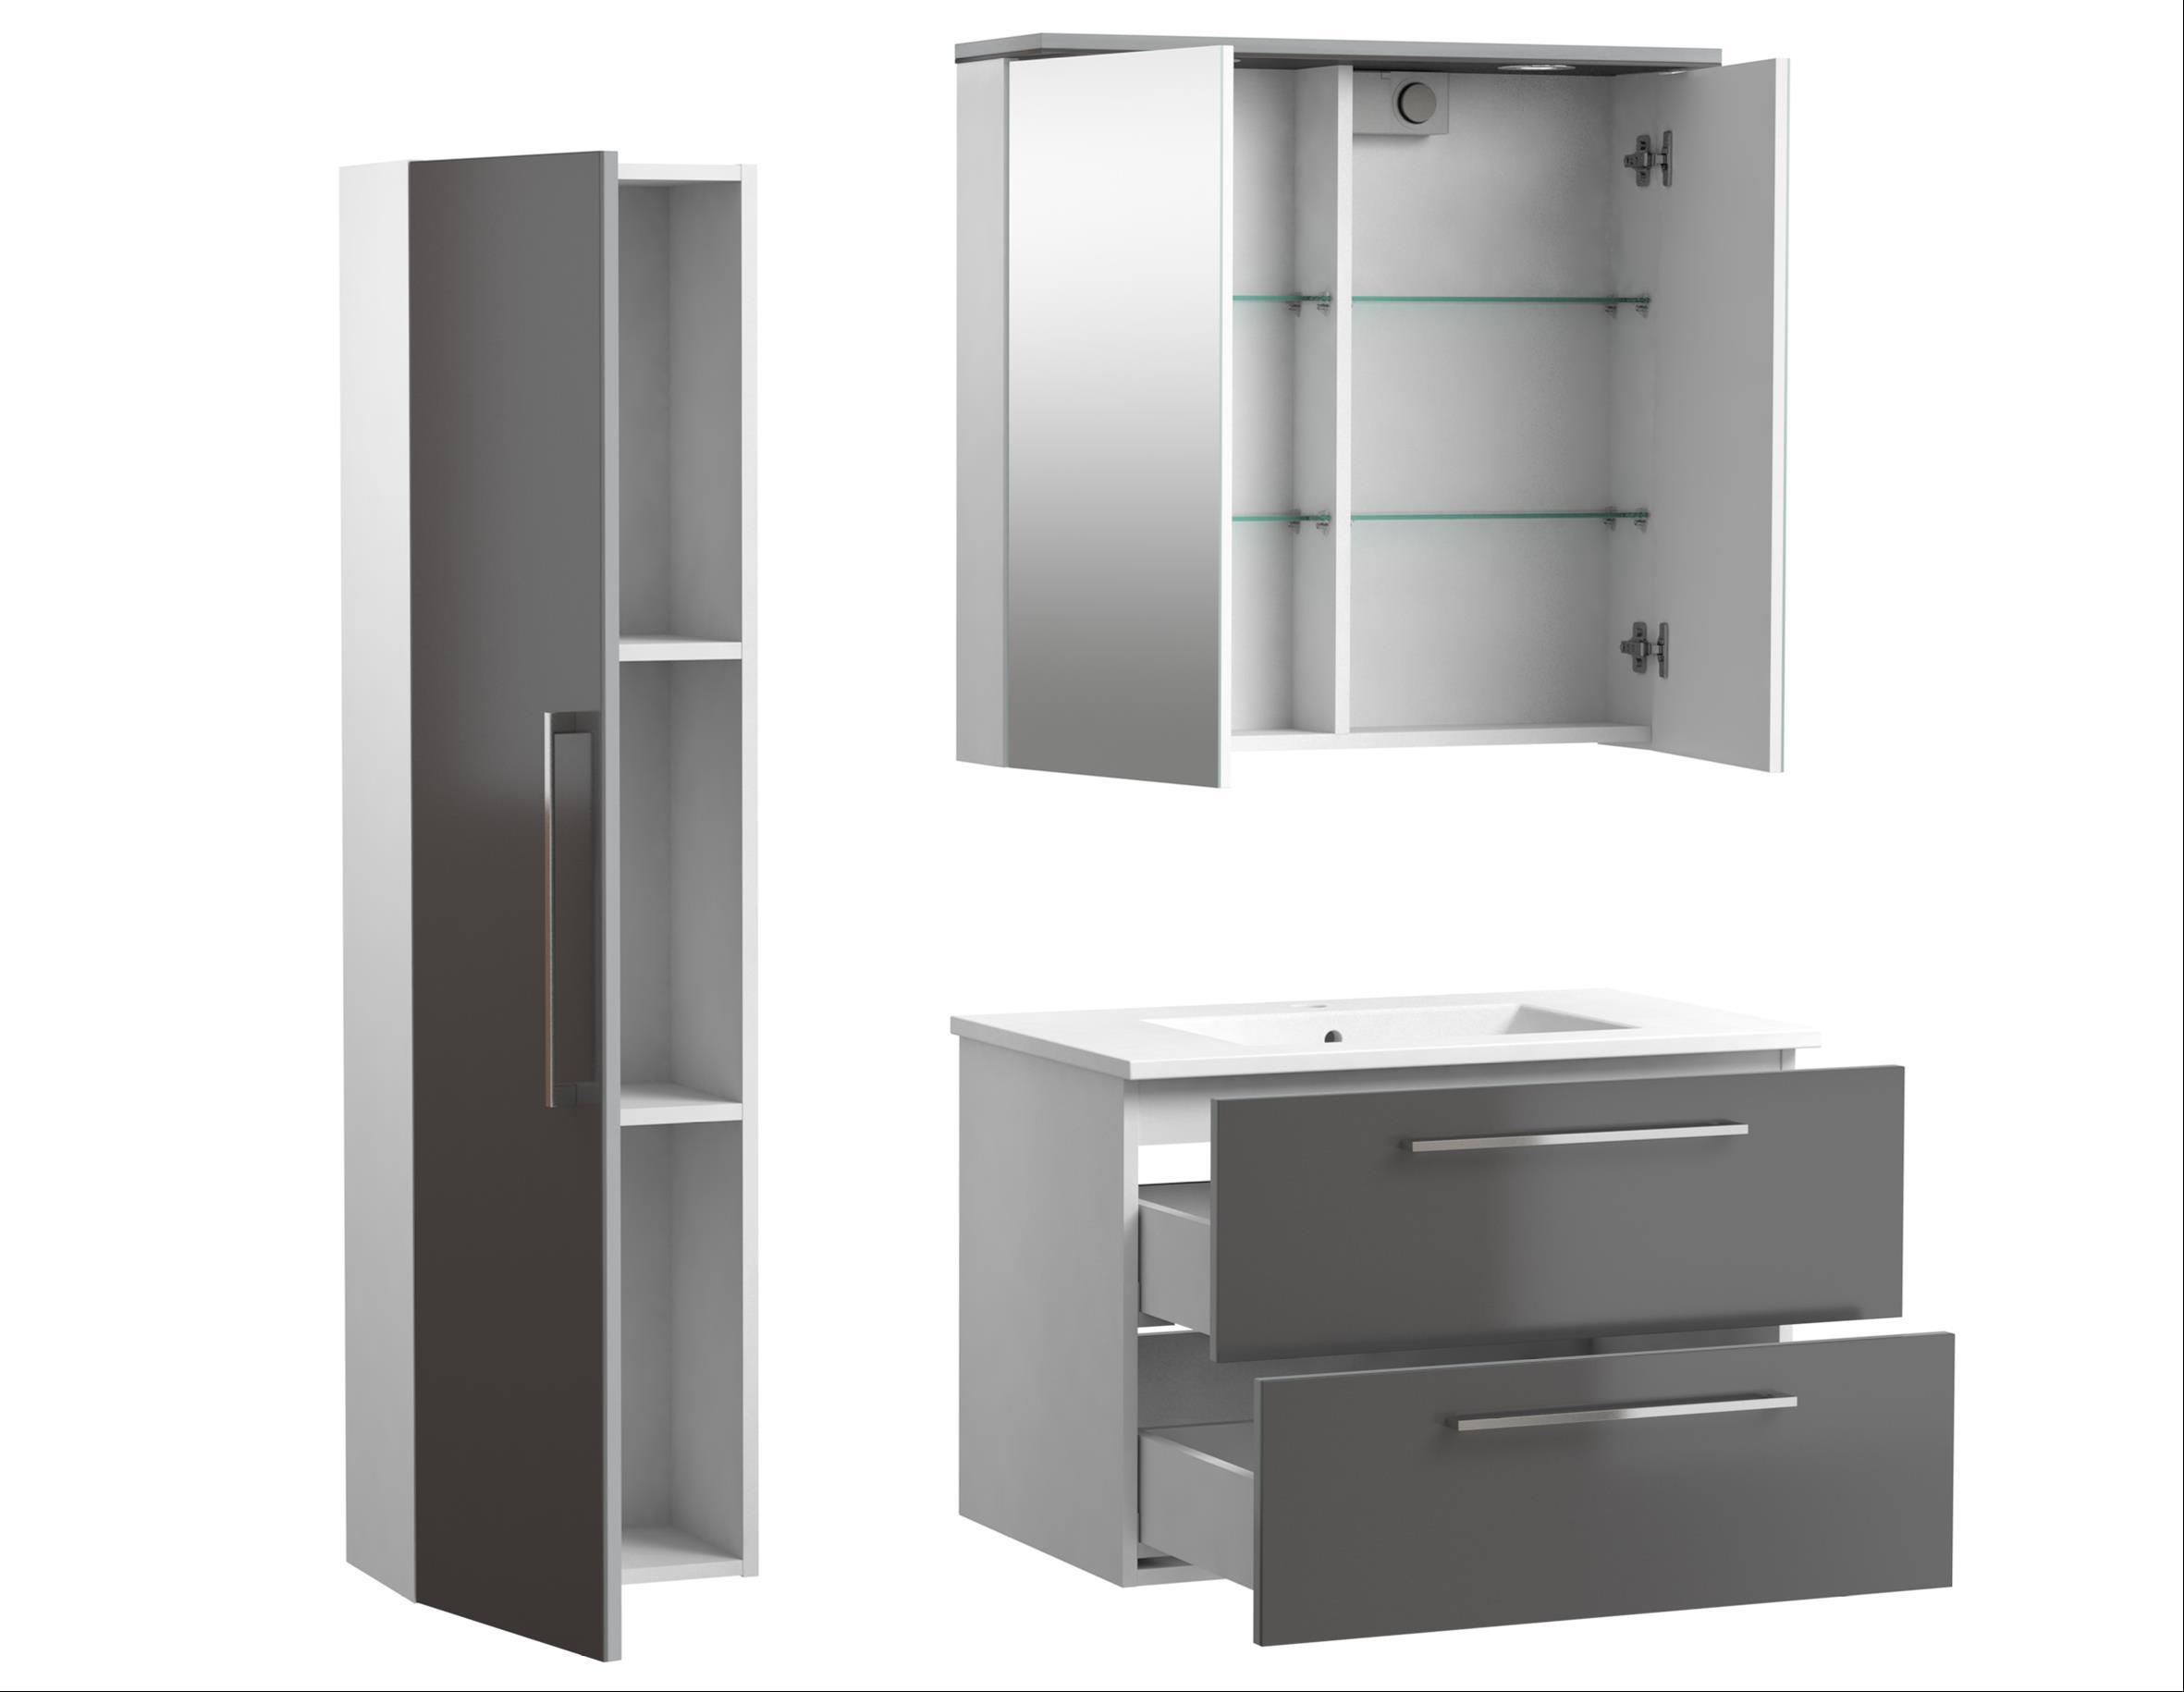 Bad Waschtischunterschrank mit Keramik-Waschtisch Allegro 76 Grau glänzend Bild 4